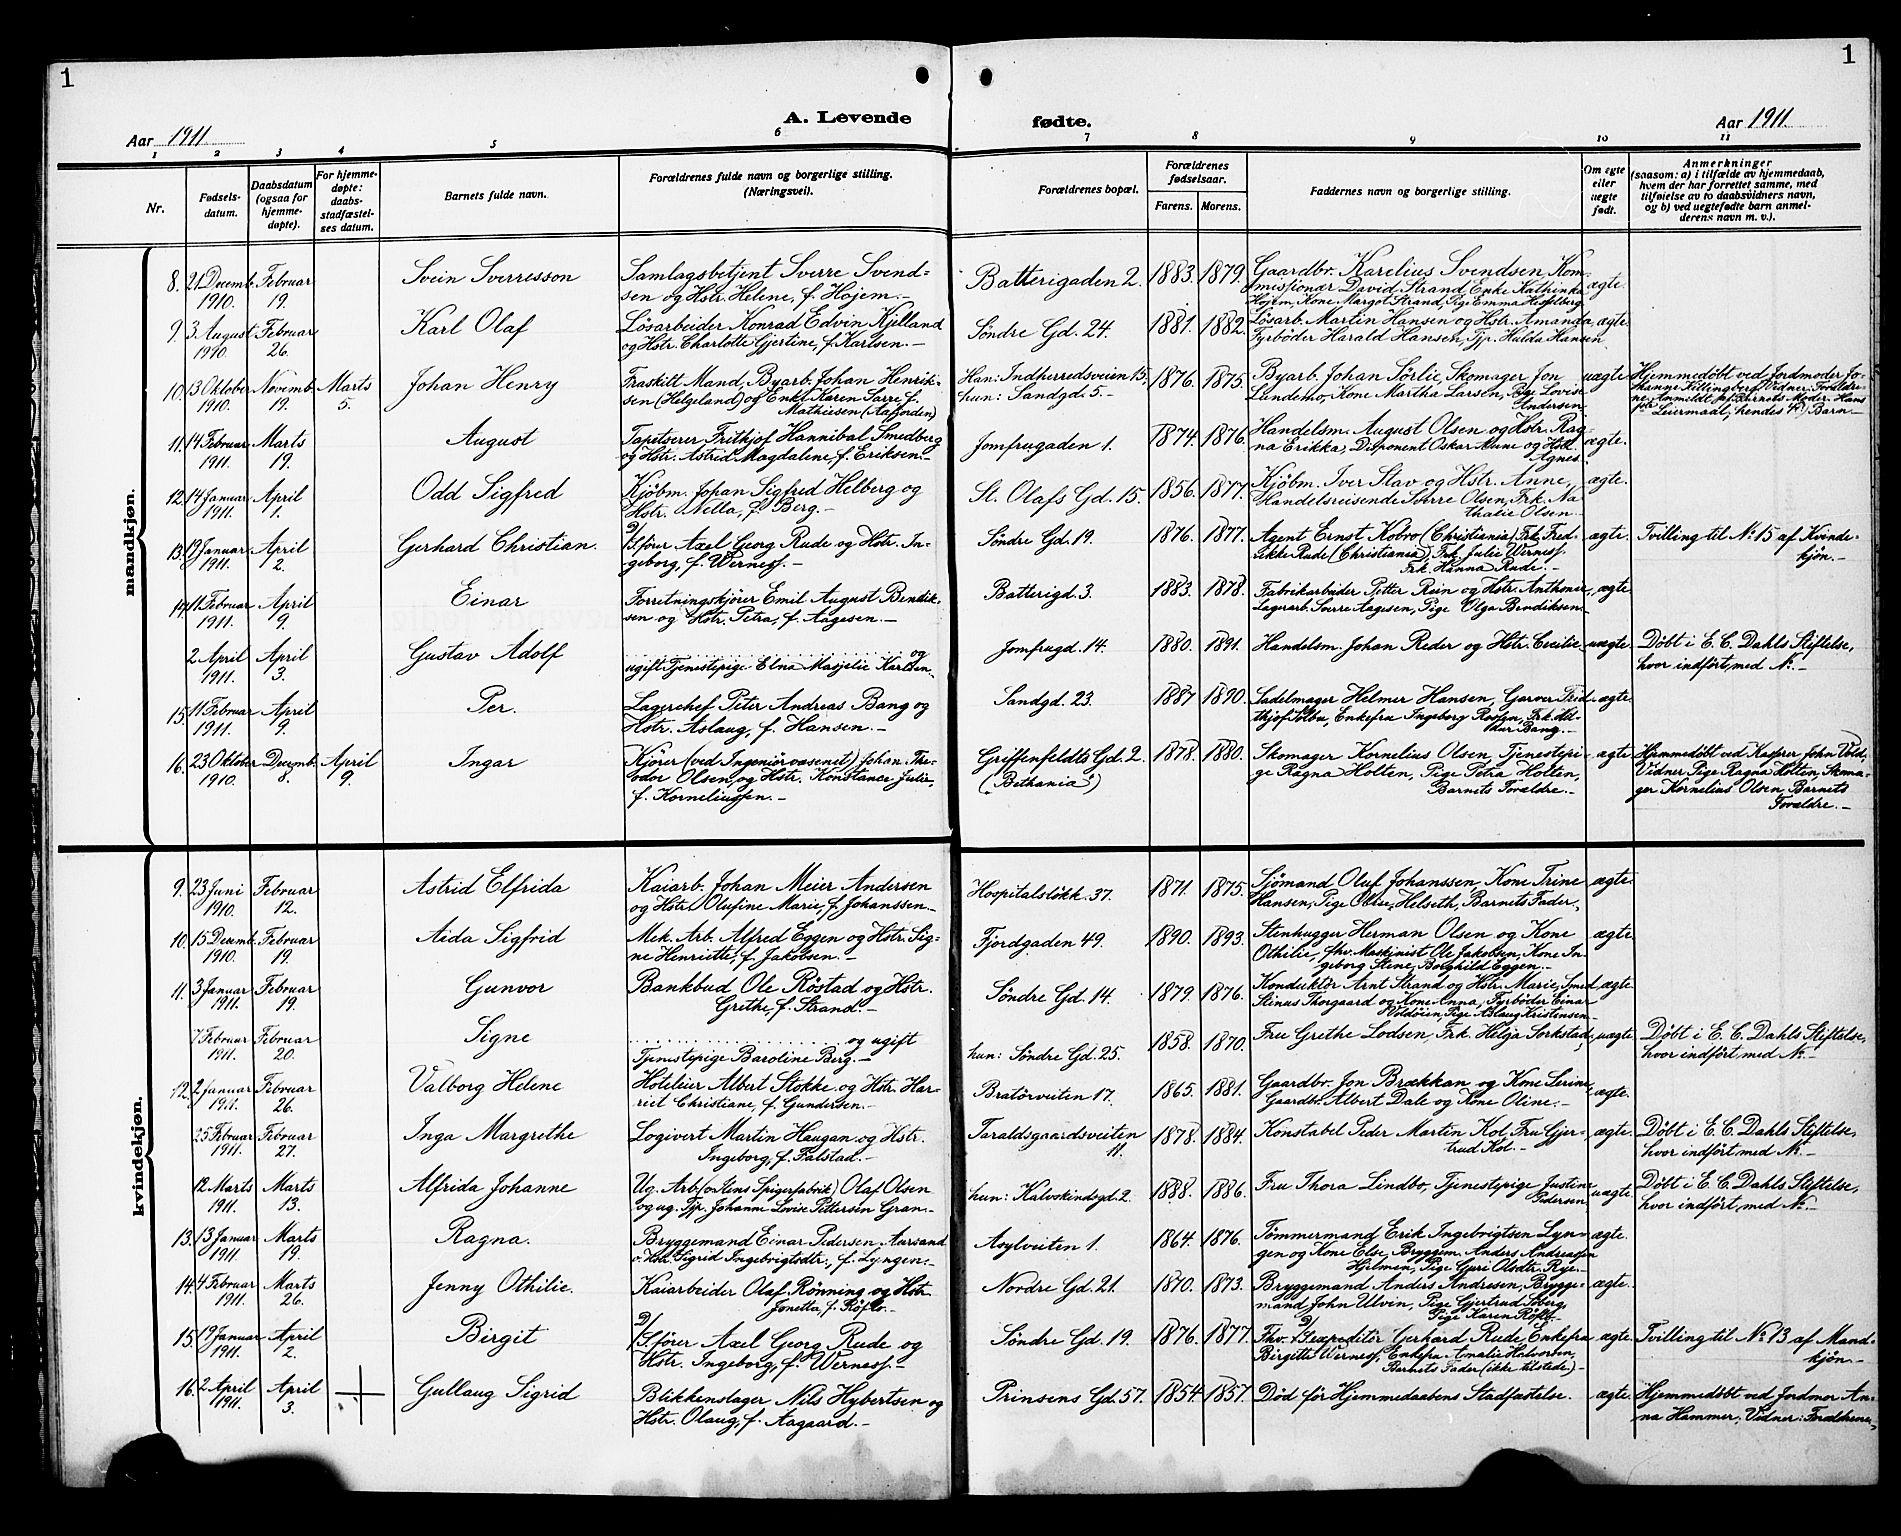 SAT, Ministerialprotokoller, klokkerbøker og fødselsregistre - Sør-Trøndelag, 602/L0147: Klokkerbok nr. 602C15, 1911-1924, s. 1